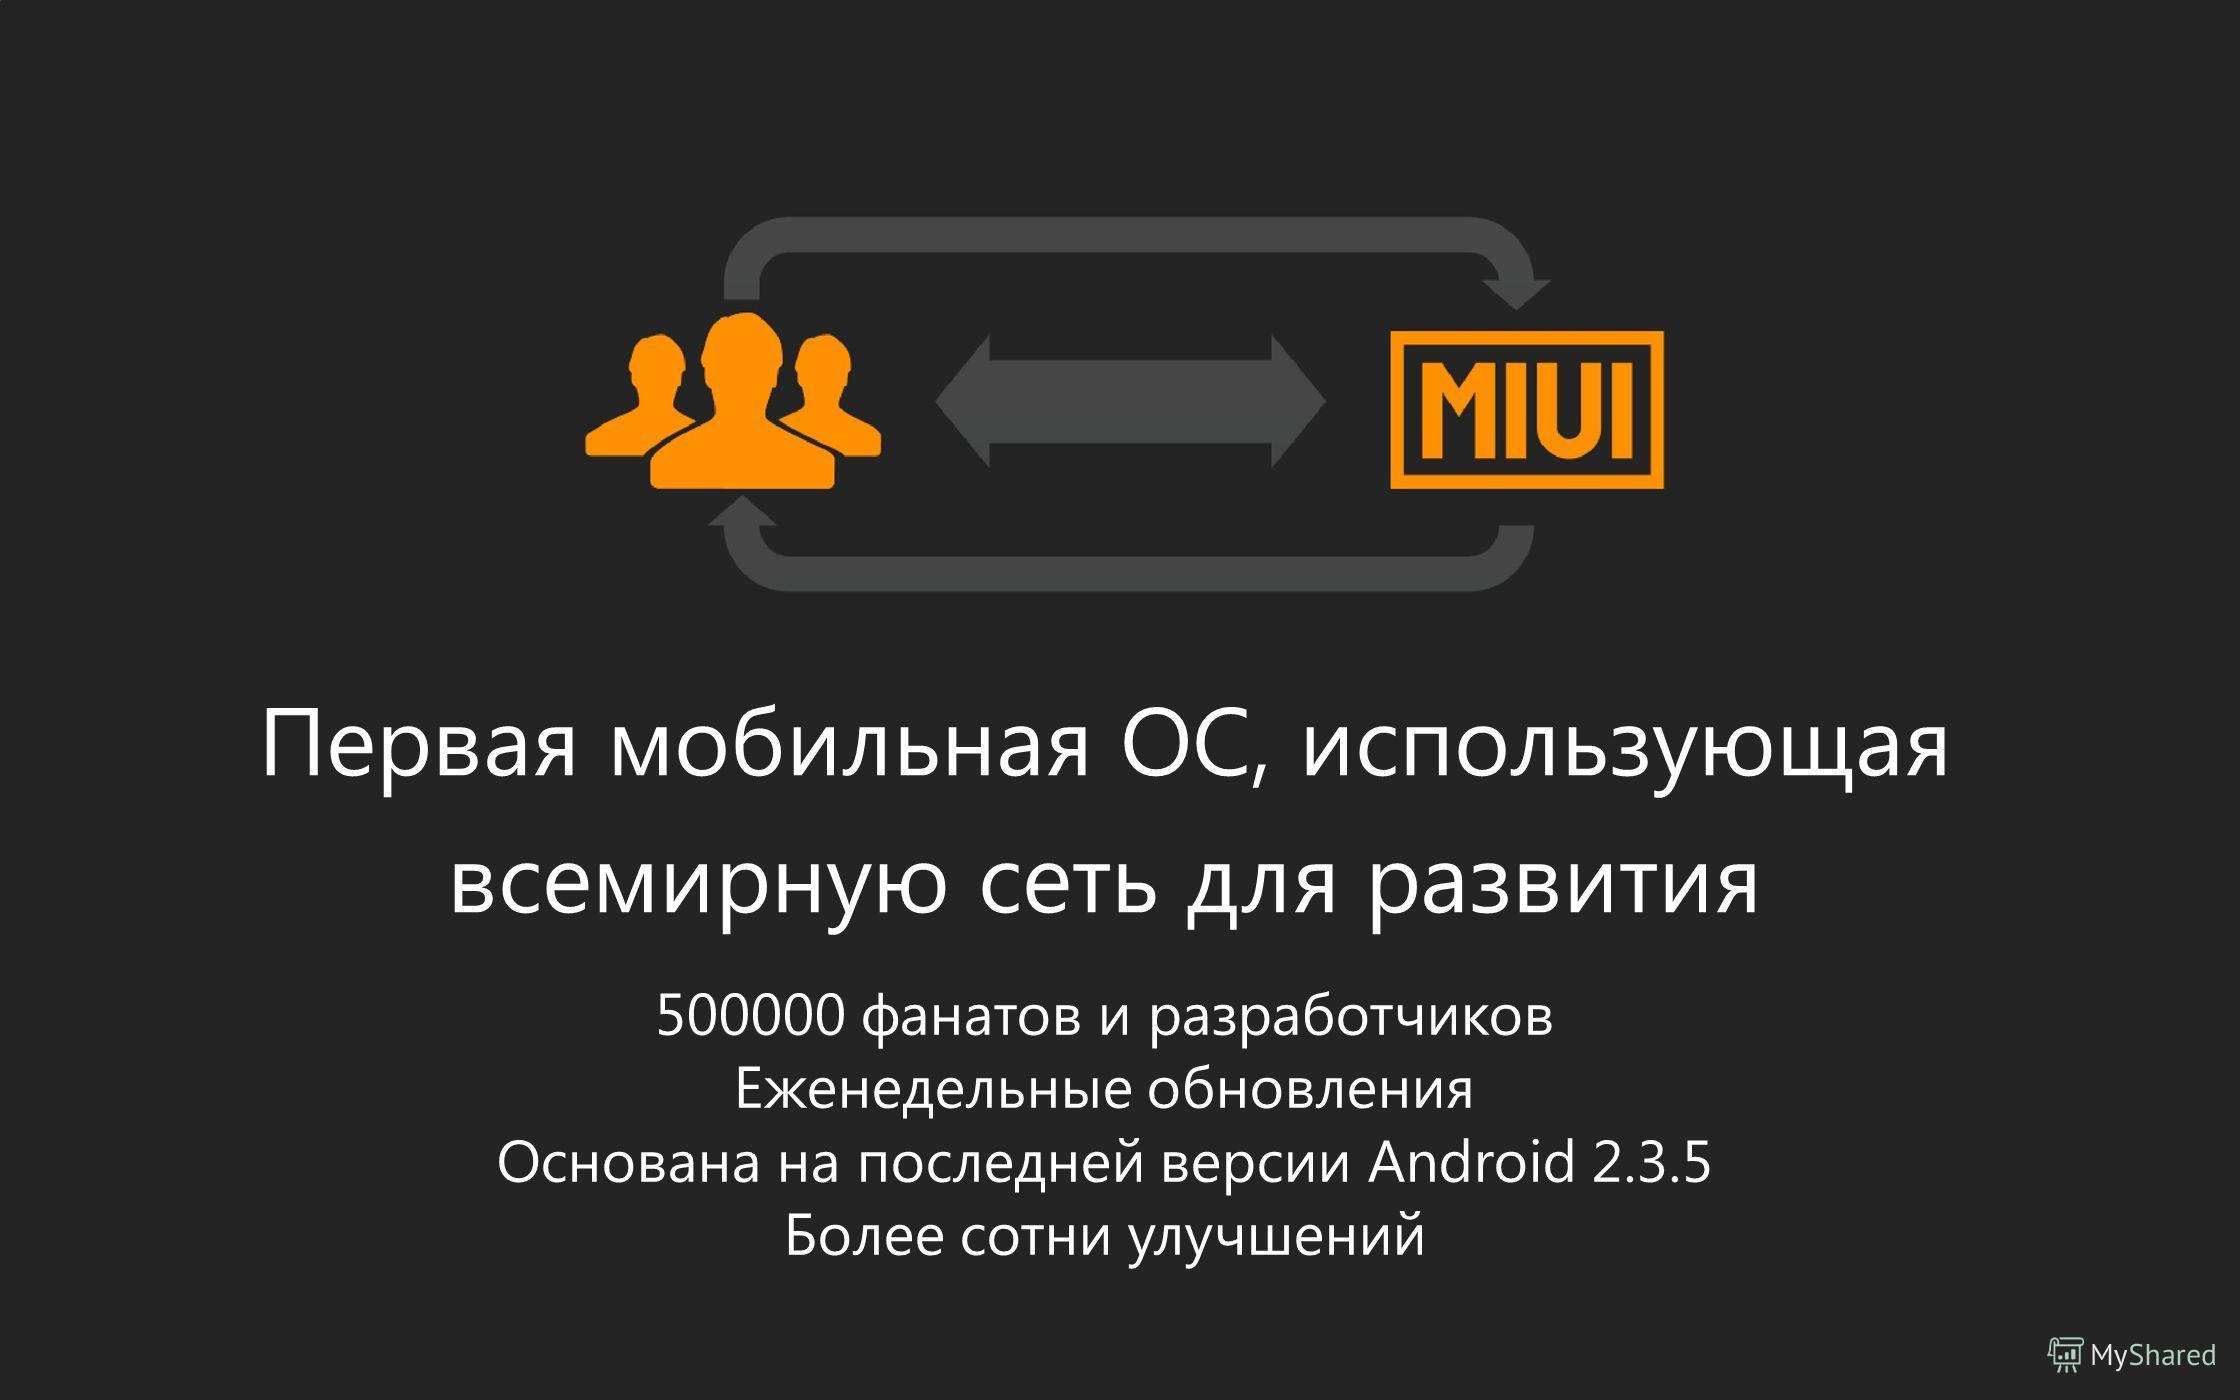 Первая мобильная ОС, использующая всемирную сеть для развития 500000 фанатов и разработчиков Еженедельные обновления Основана на последней версии Android 2.3.5 Более сотни улучшений